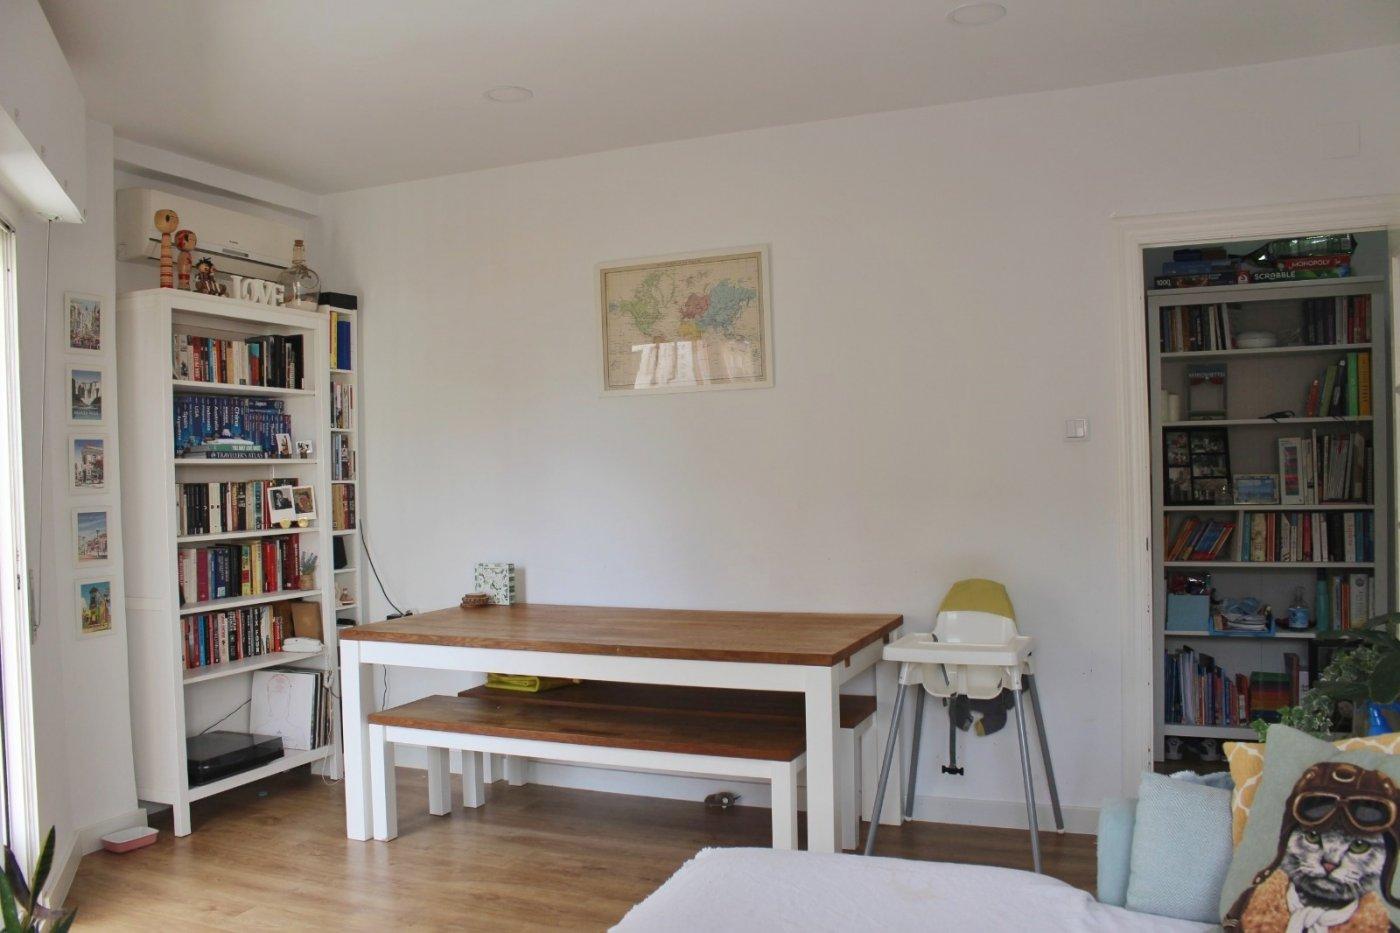 Moderno piso con balcón en espinardo - imagenInmueble3